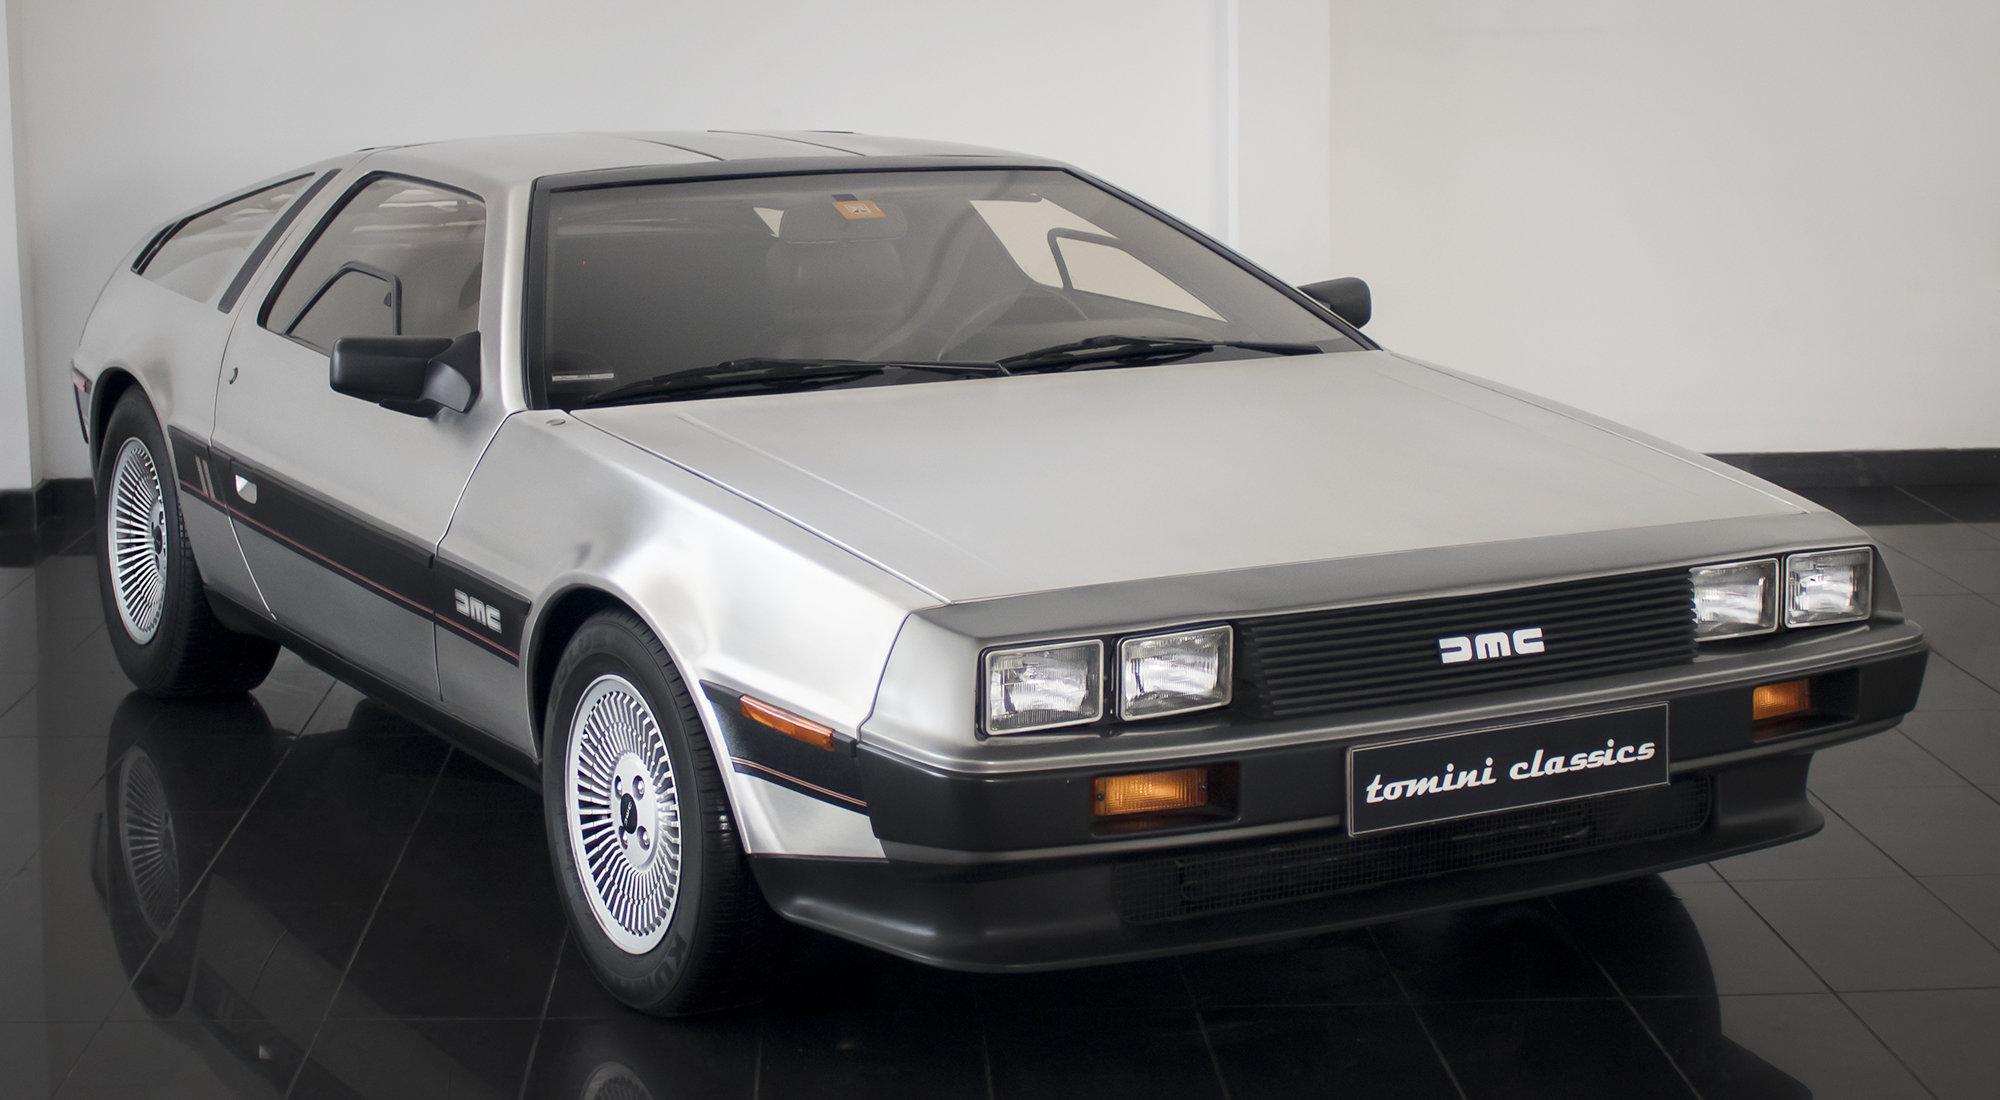 DeLorean DMC-12 (1981) For Sale (picture 1 of 6)